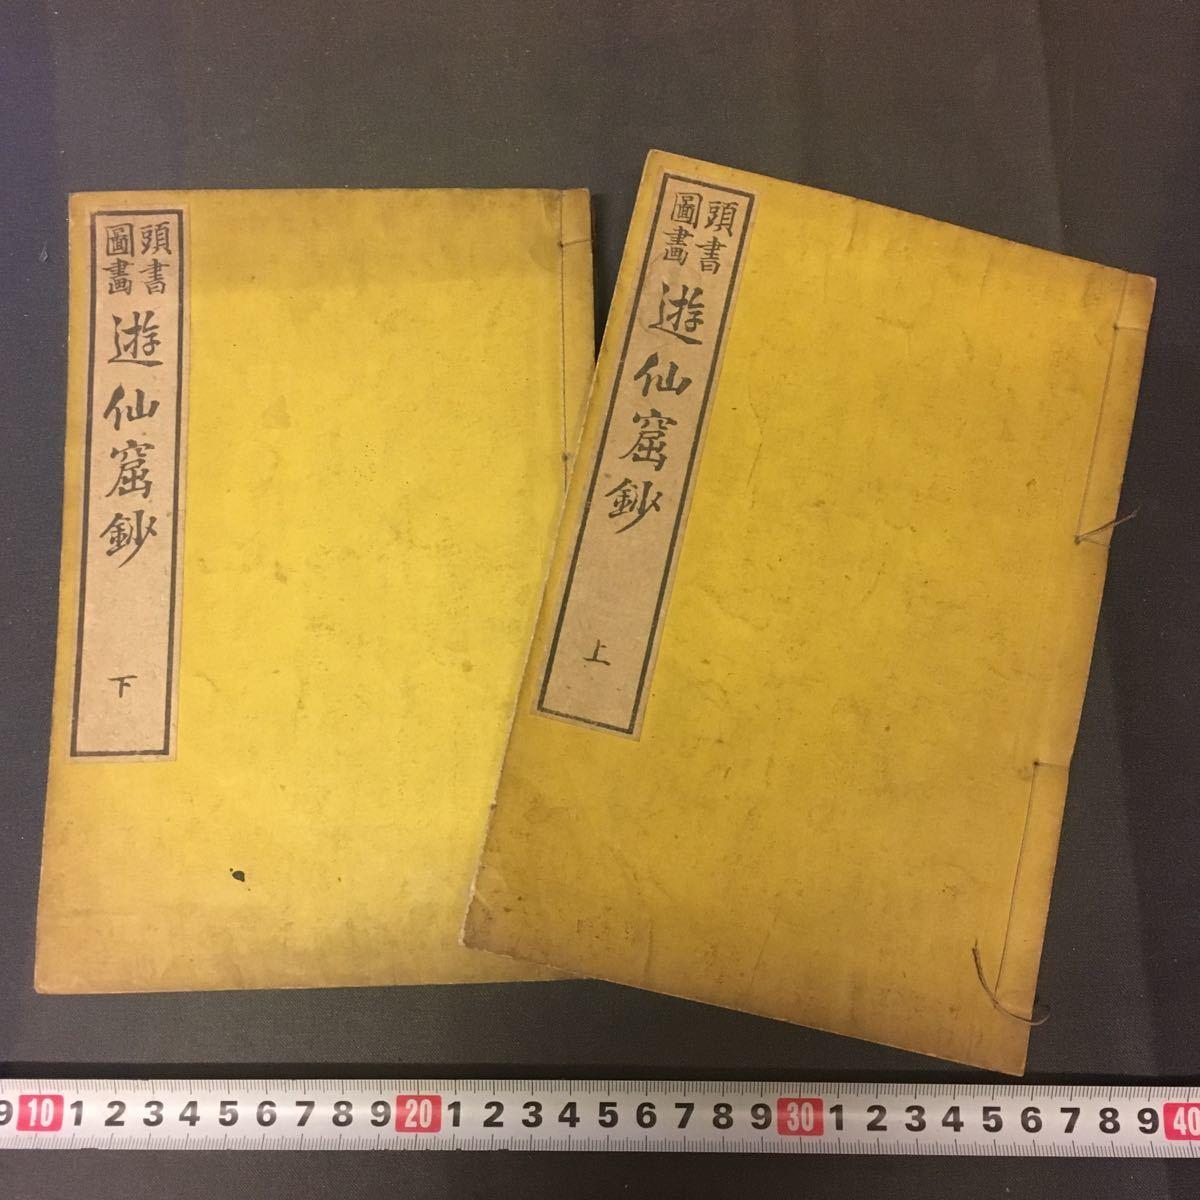 和本 [遊仙窟鈔 全2冊] 中国 唐 艶本 小説 文学 木版画 絵入り